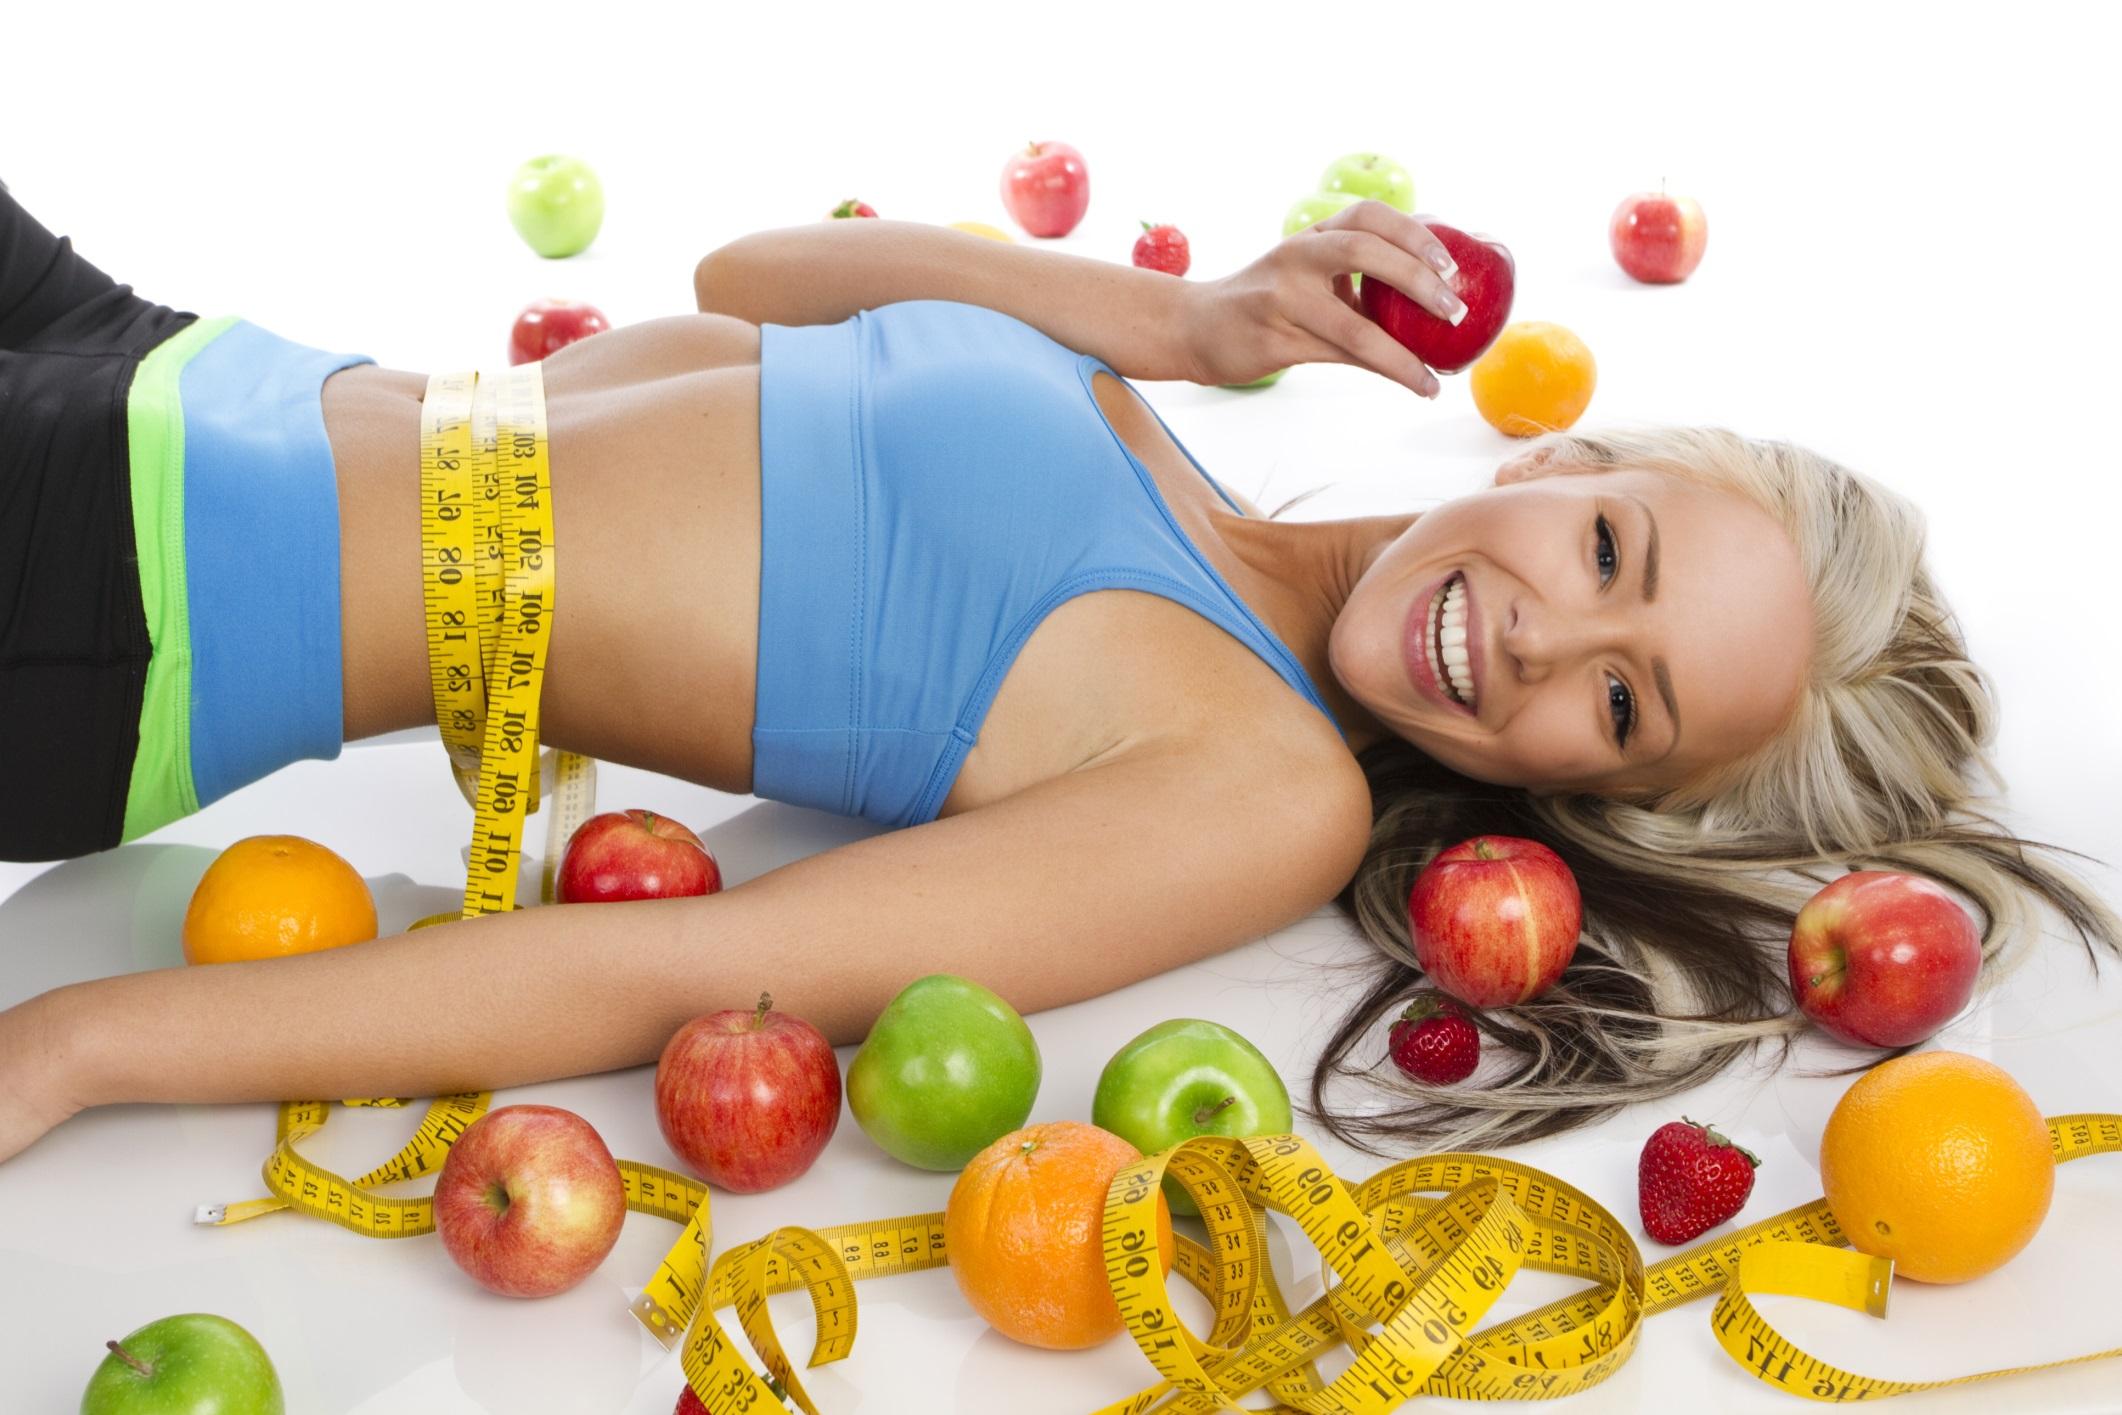 как похудеть за 5 минут 8 лет